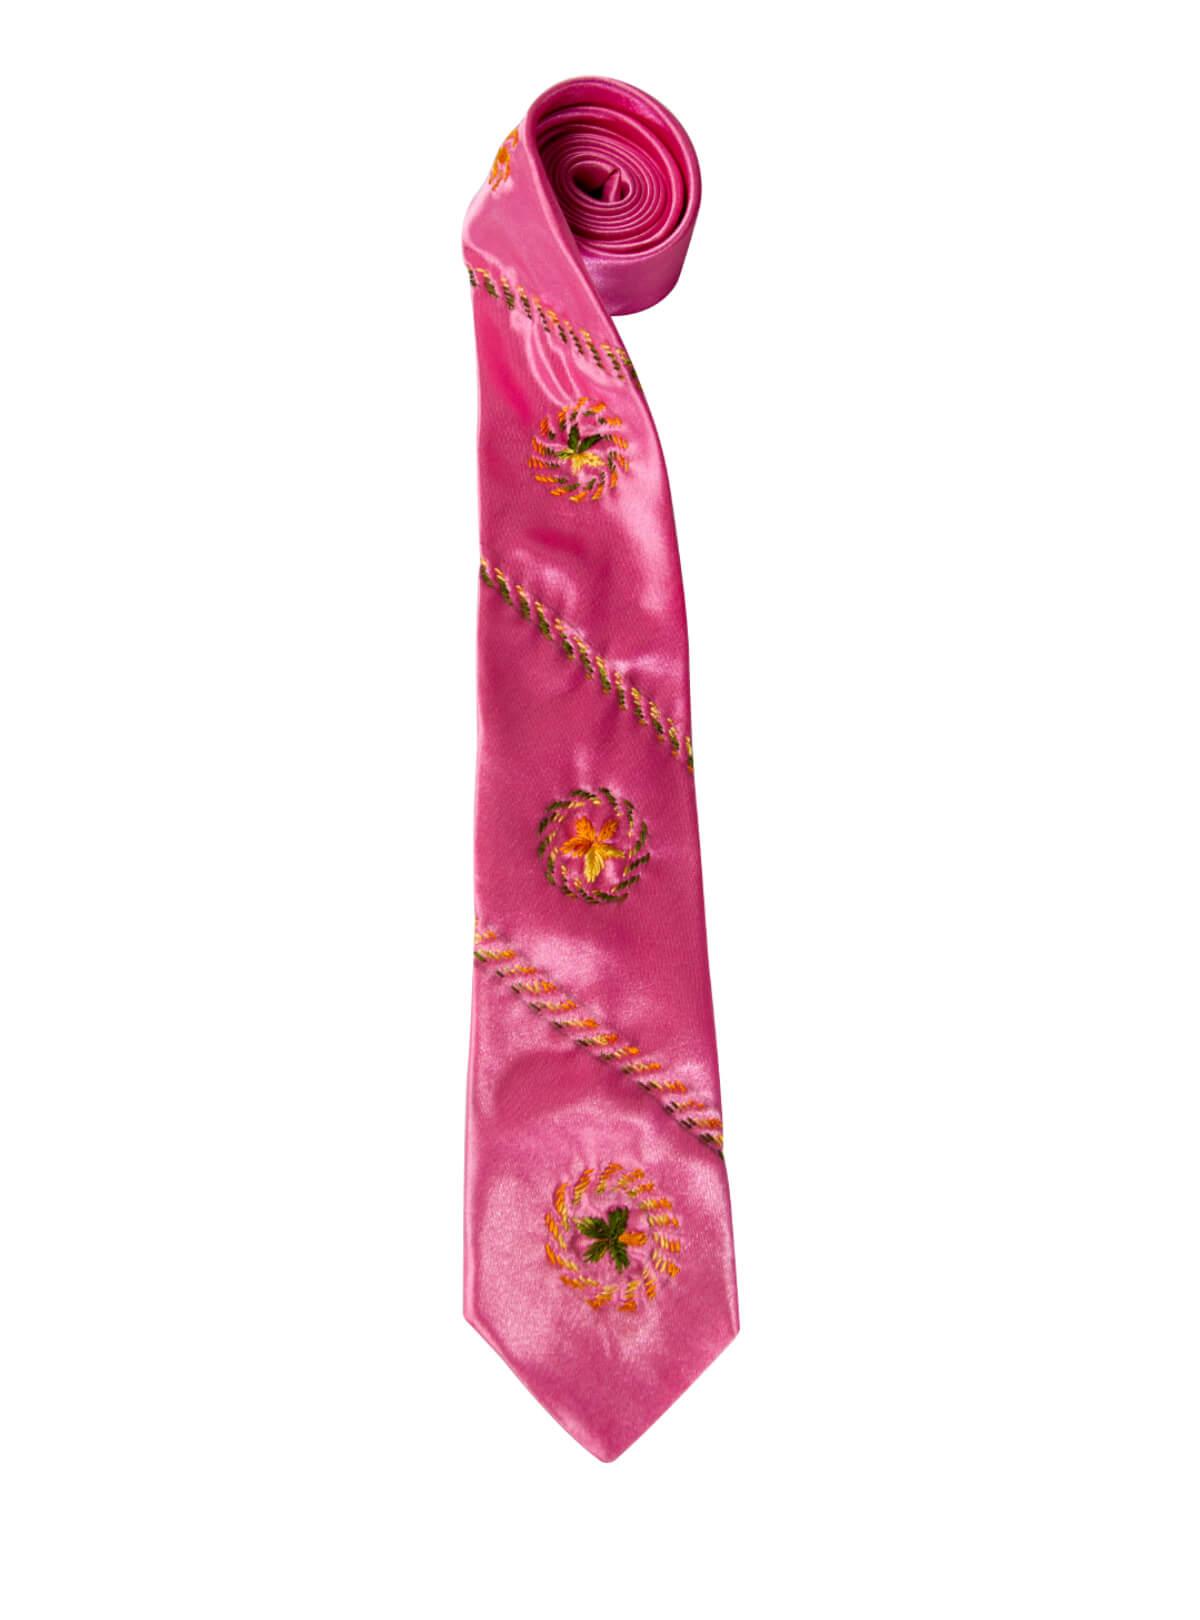 Old Rose Flower Tie